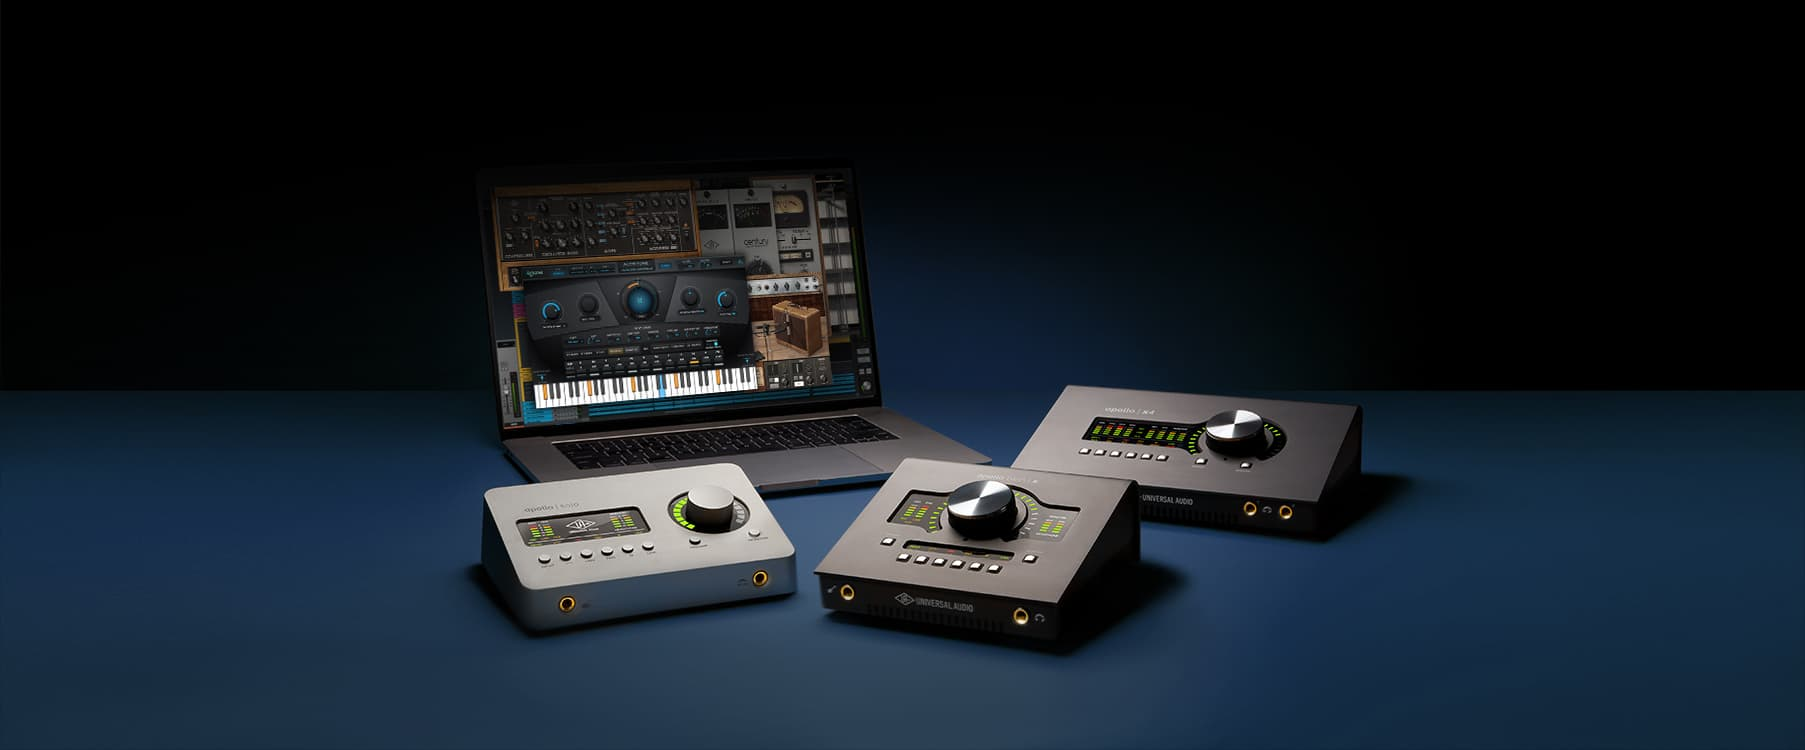 APOLLO デスクトップミュージックメーカー・プロモーション